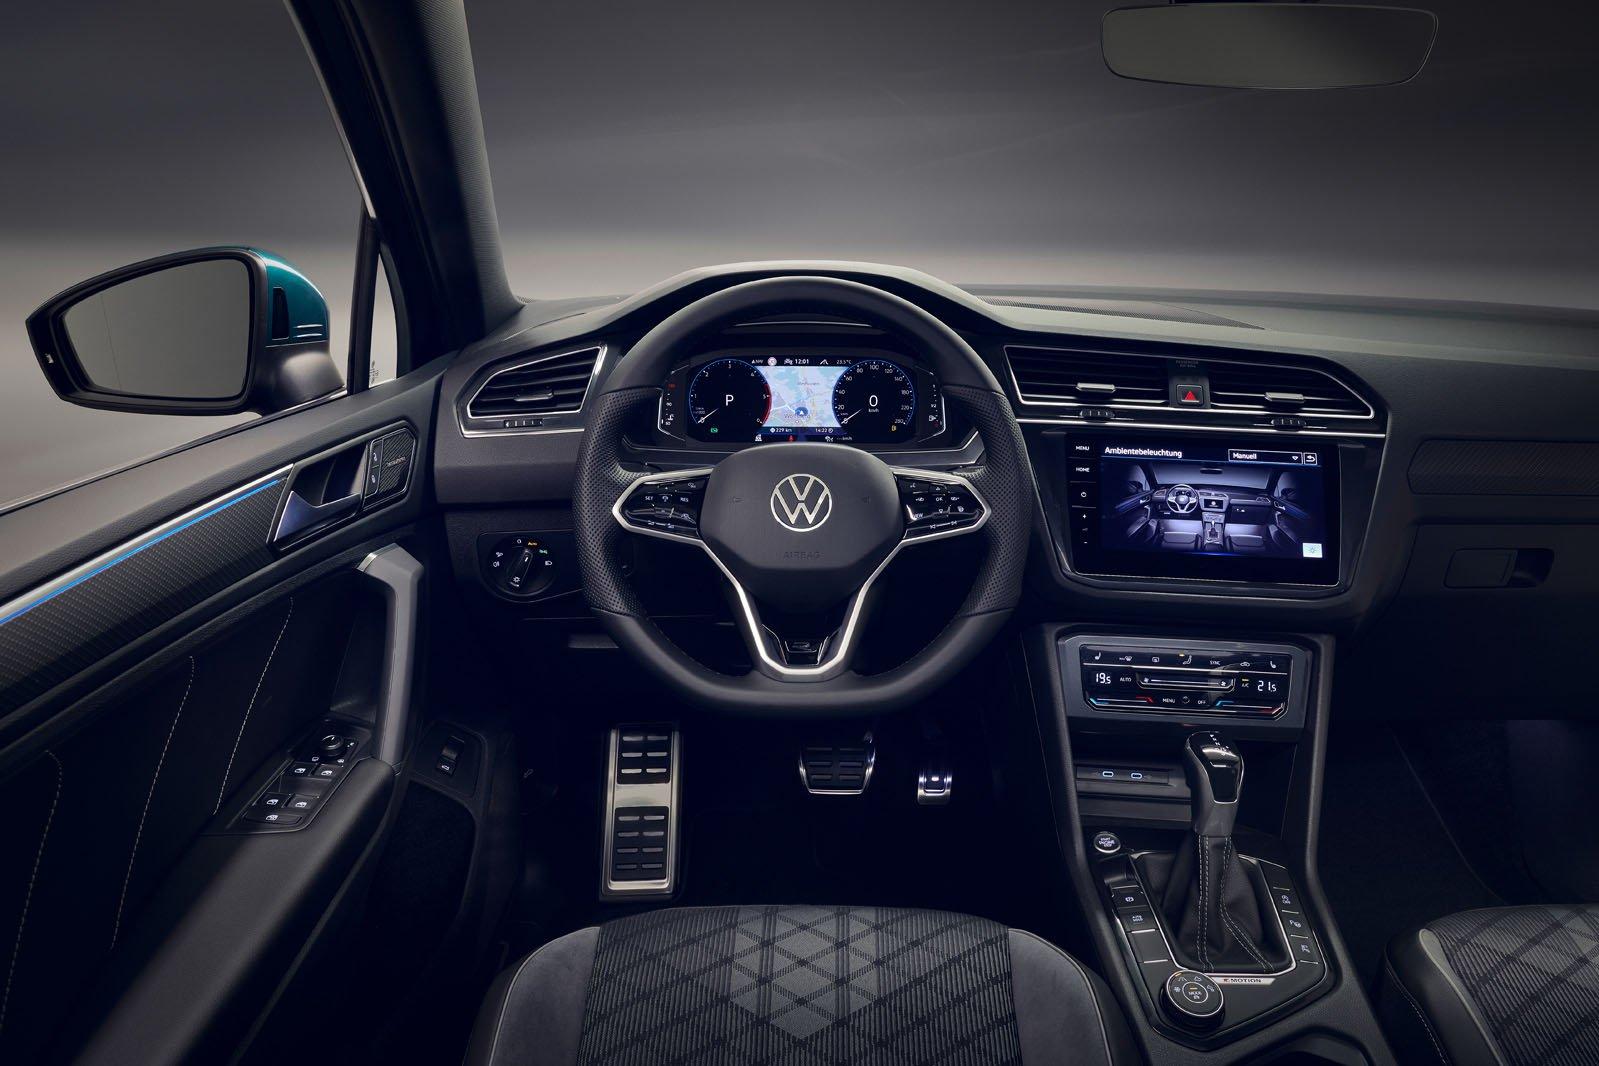 2021 Volkswagen Tiguan interior